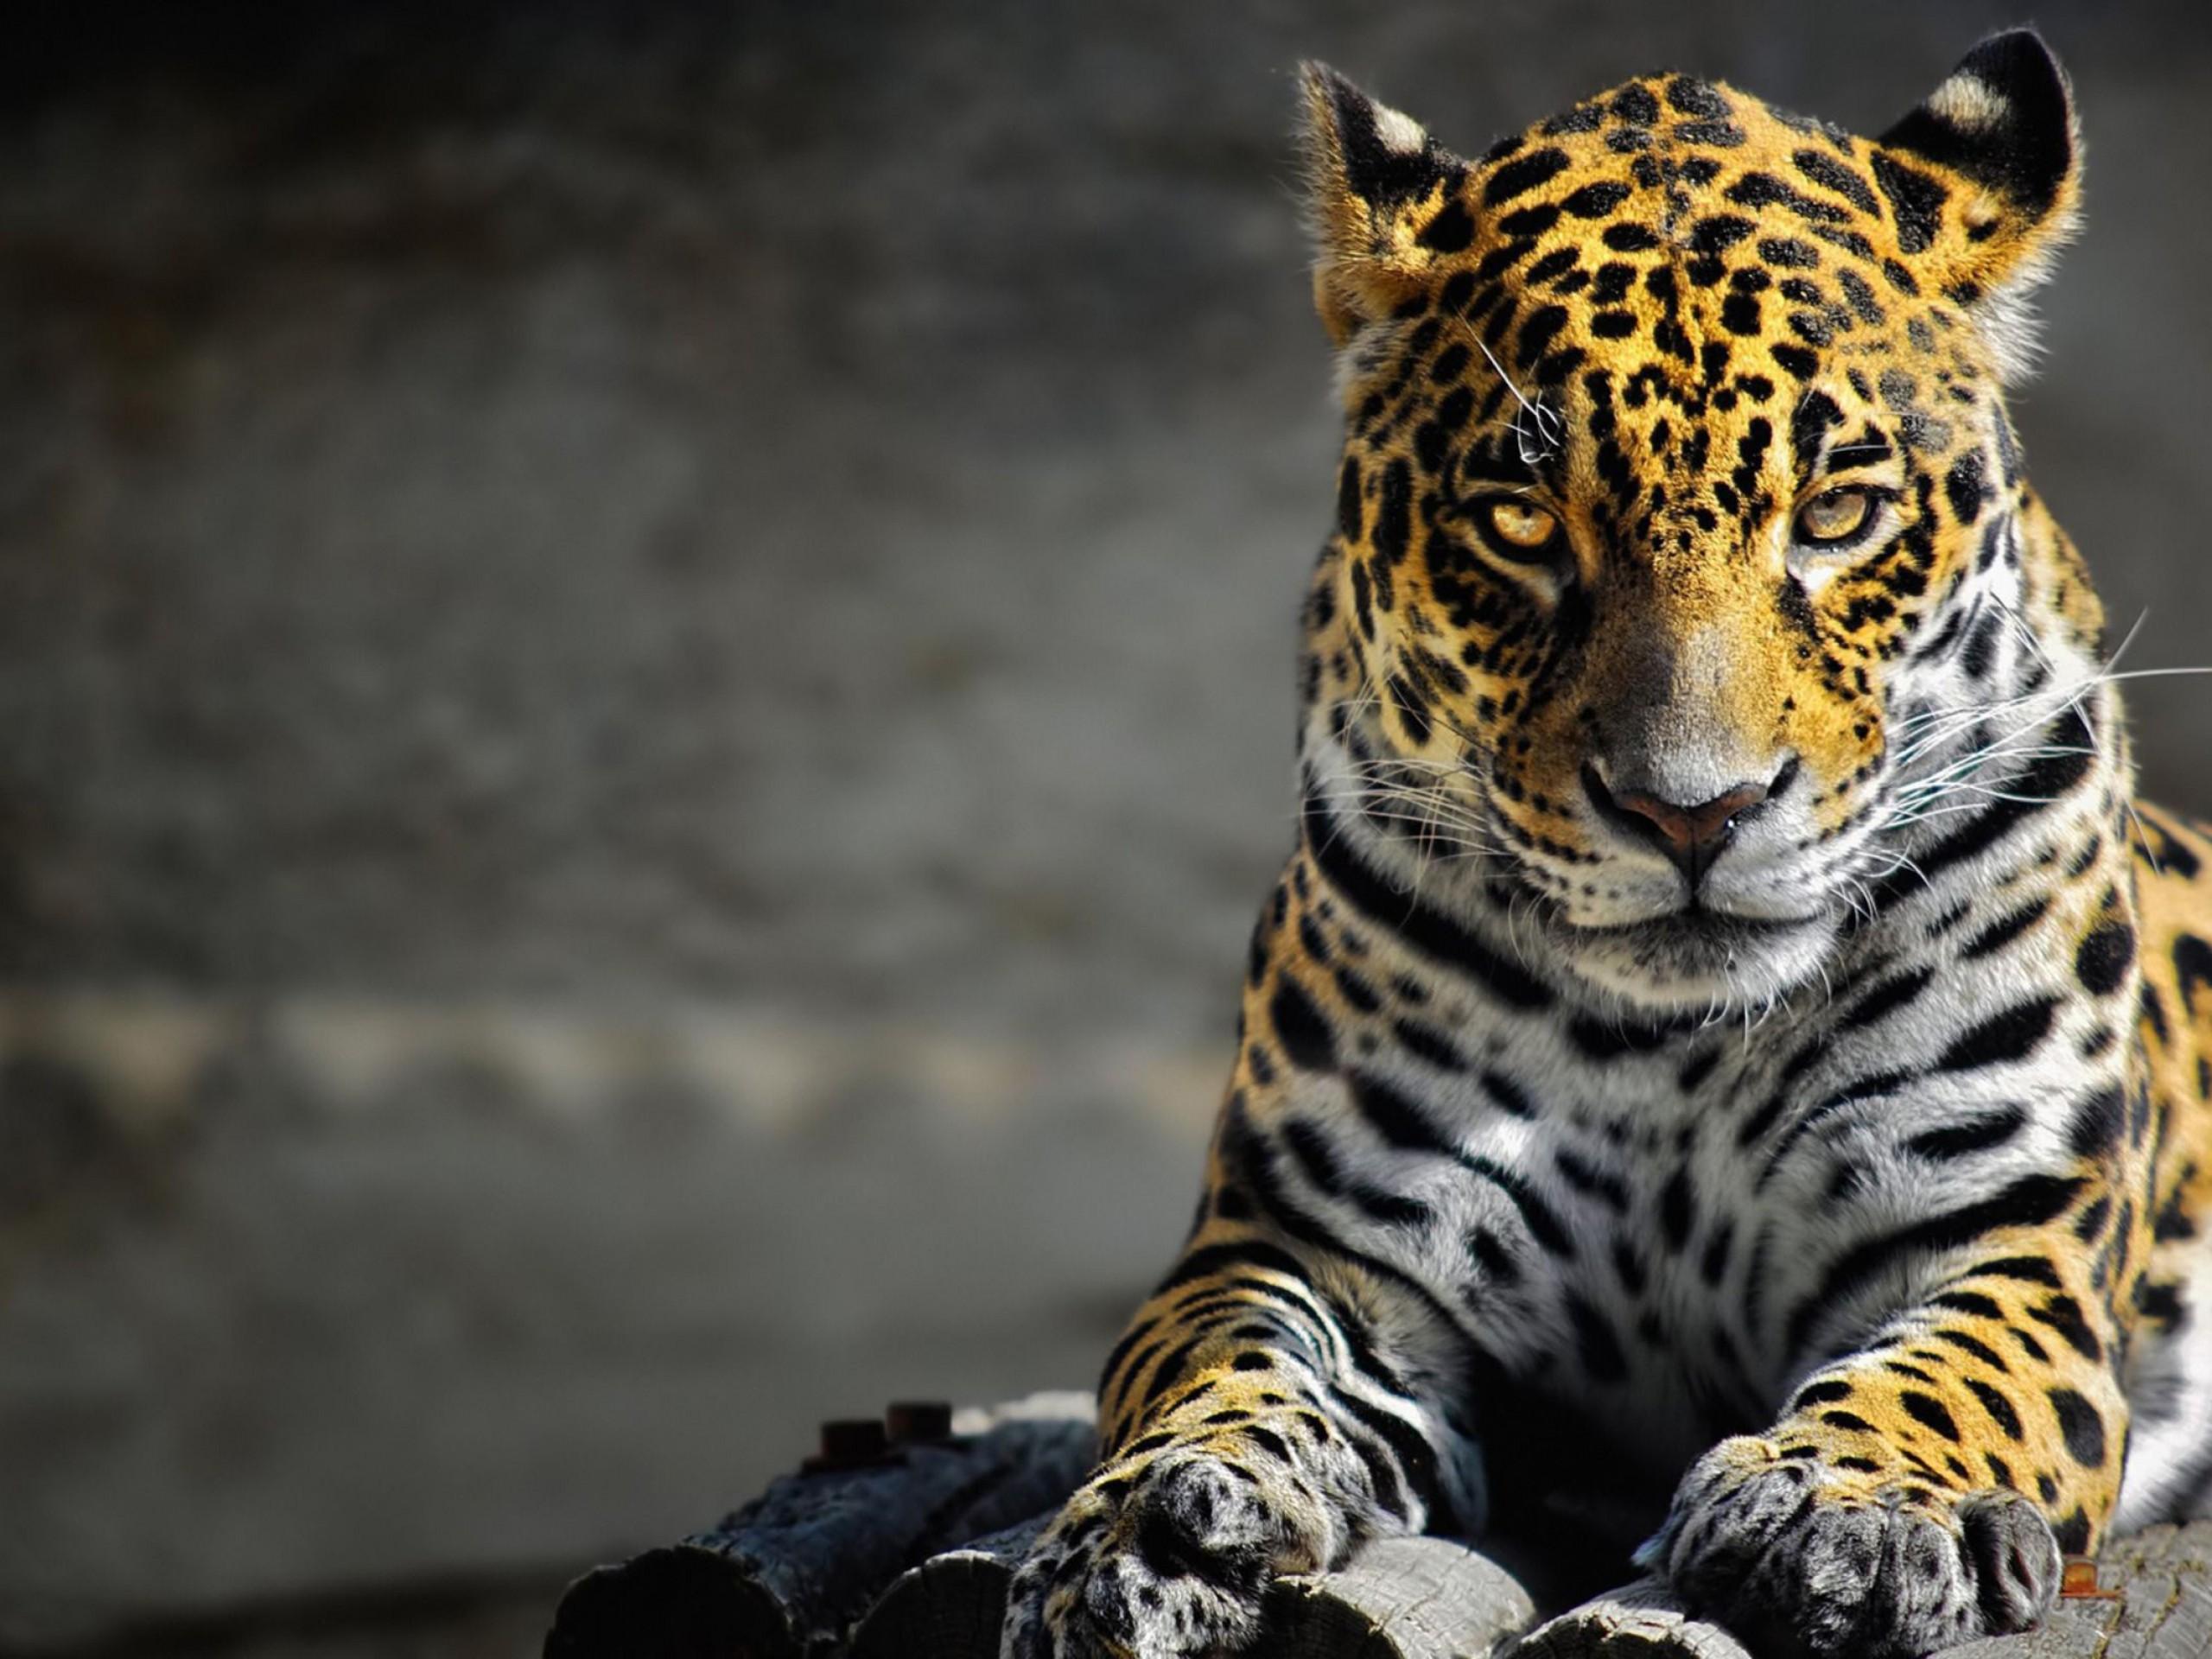 Black jaguar animal hd wallpapers